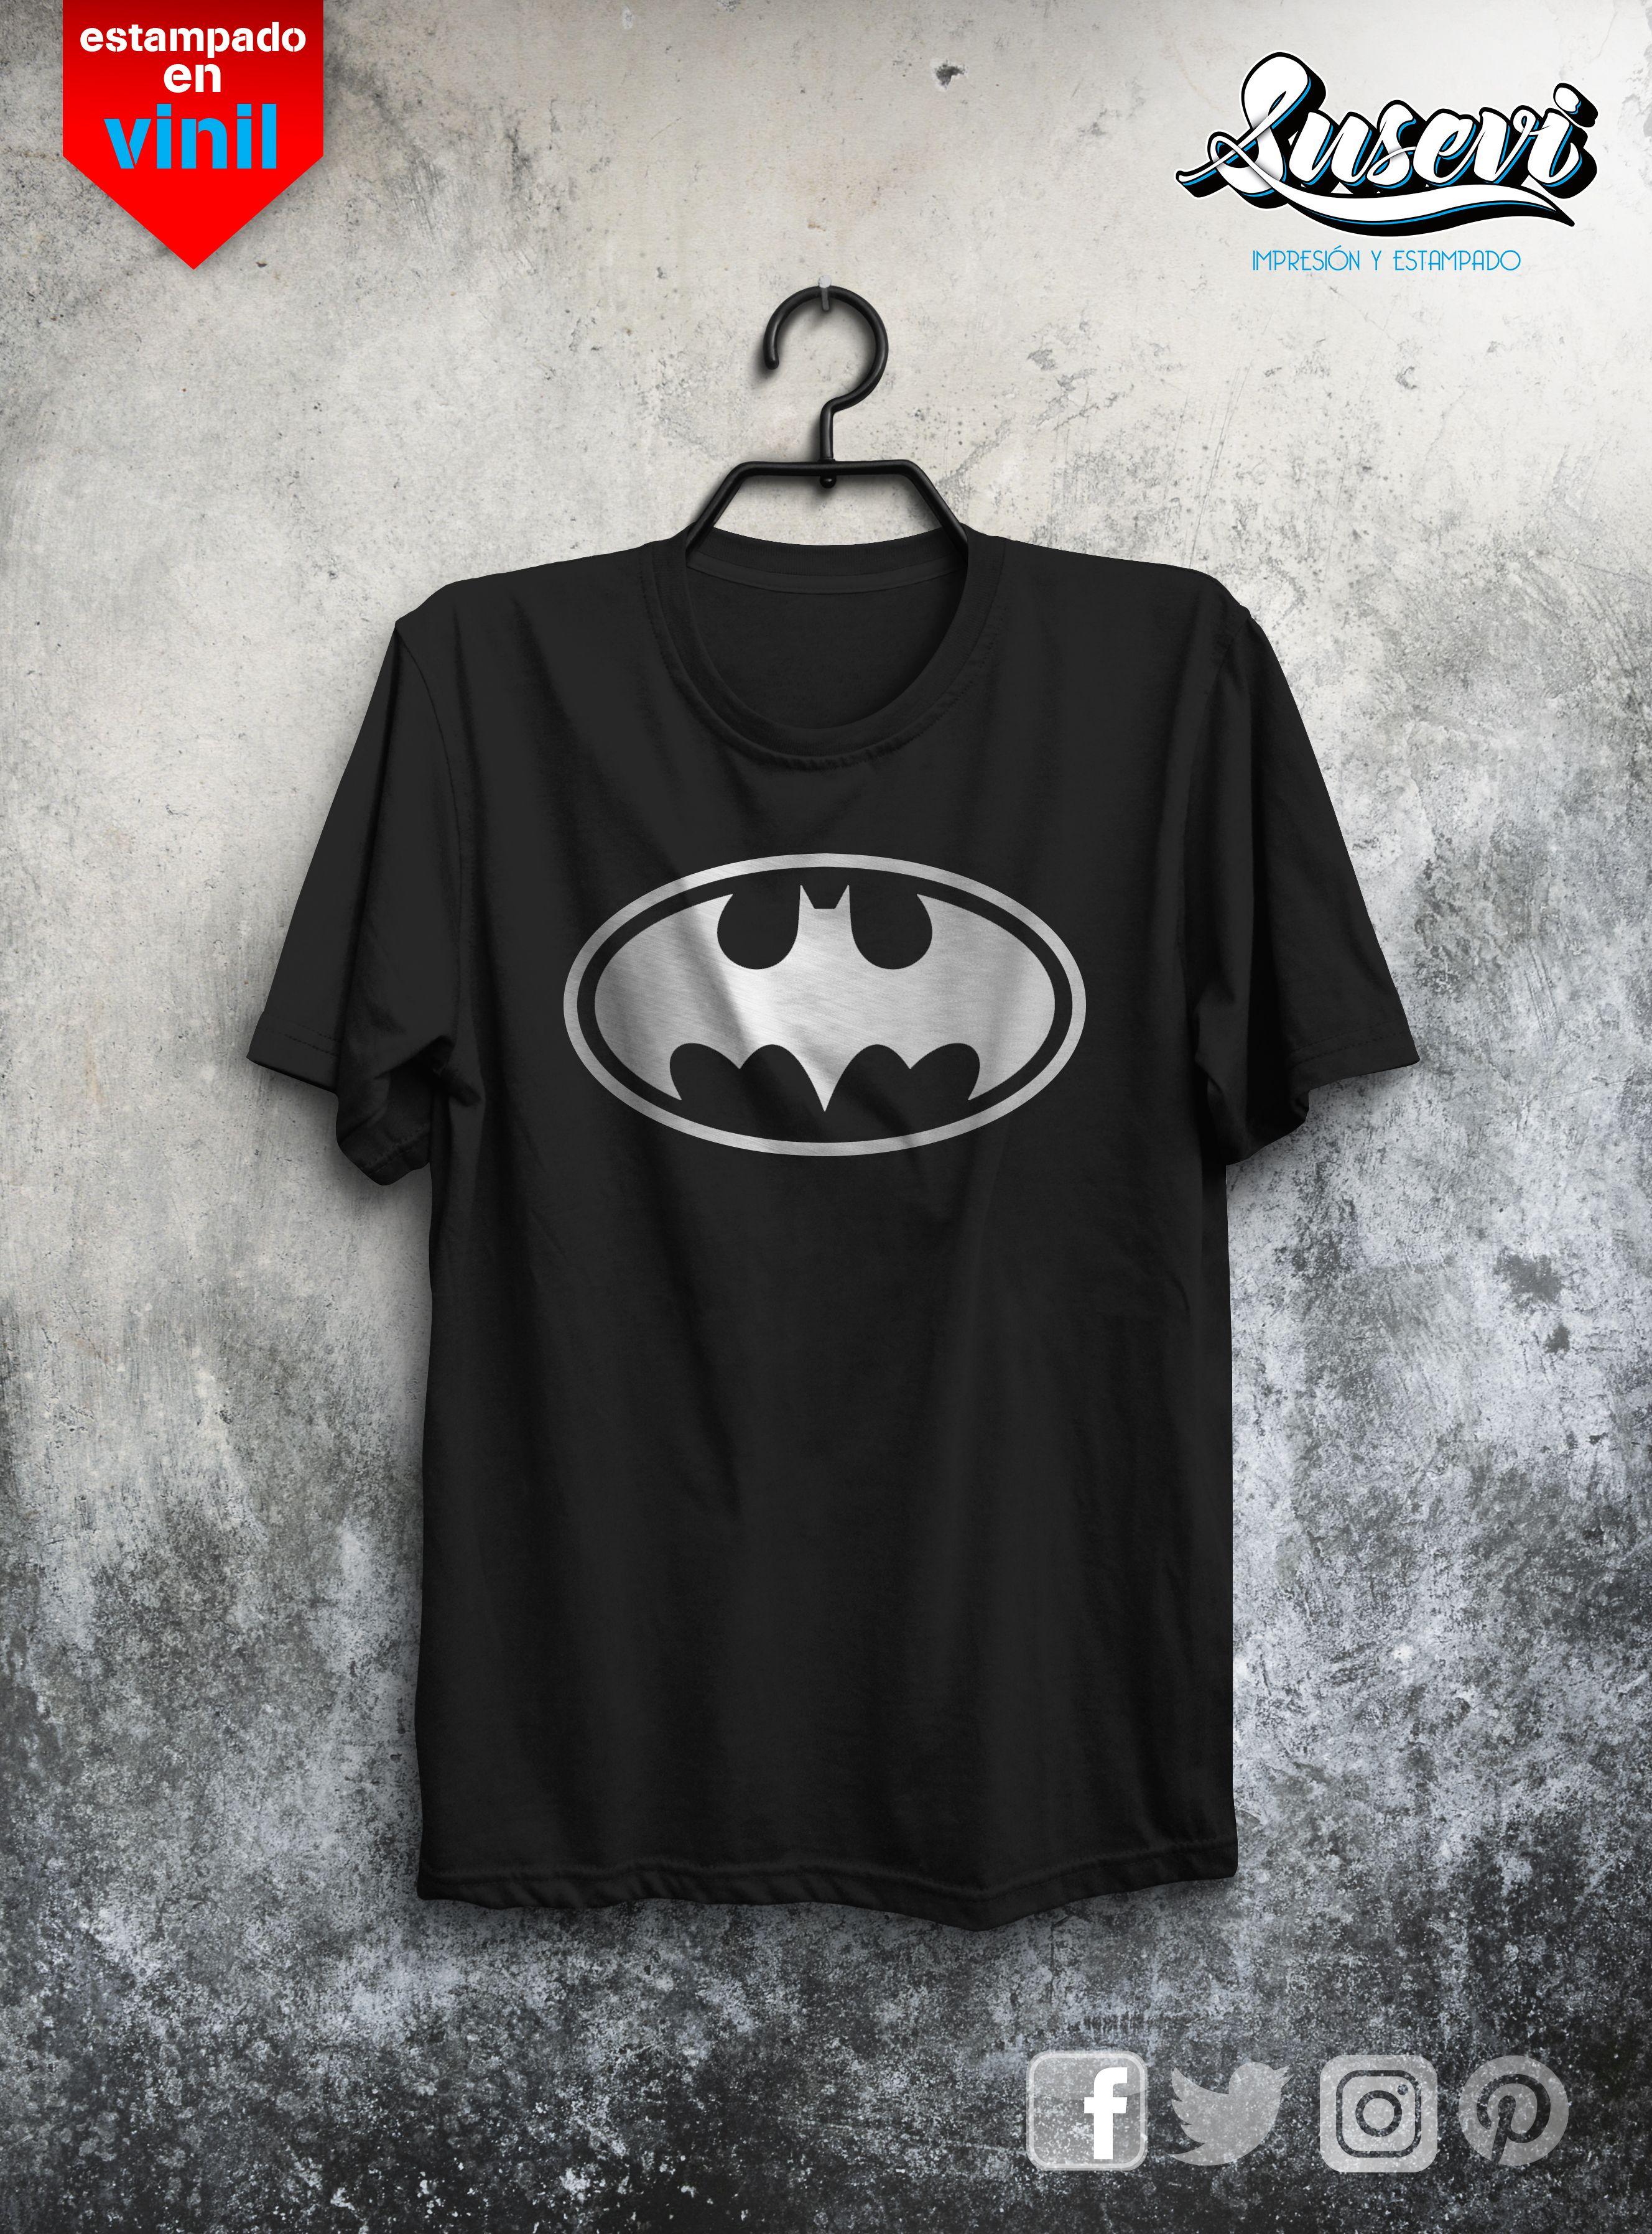 95cad572b51d3 Playera personalizada-batman-hombre-estampados  comics  playeras  batman